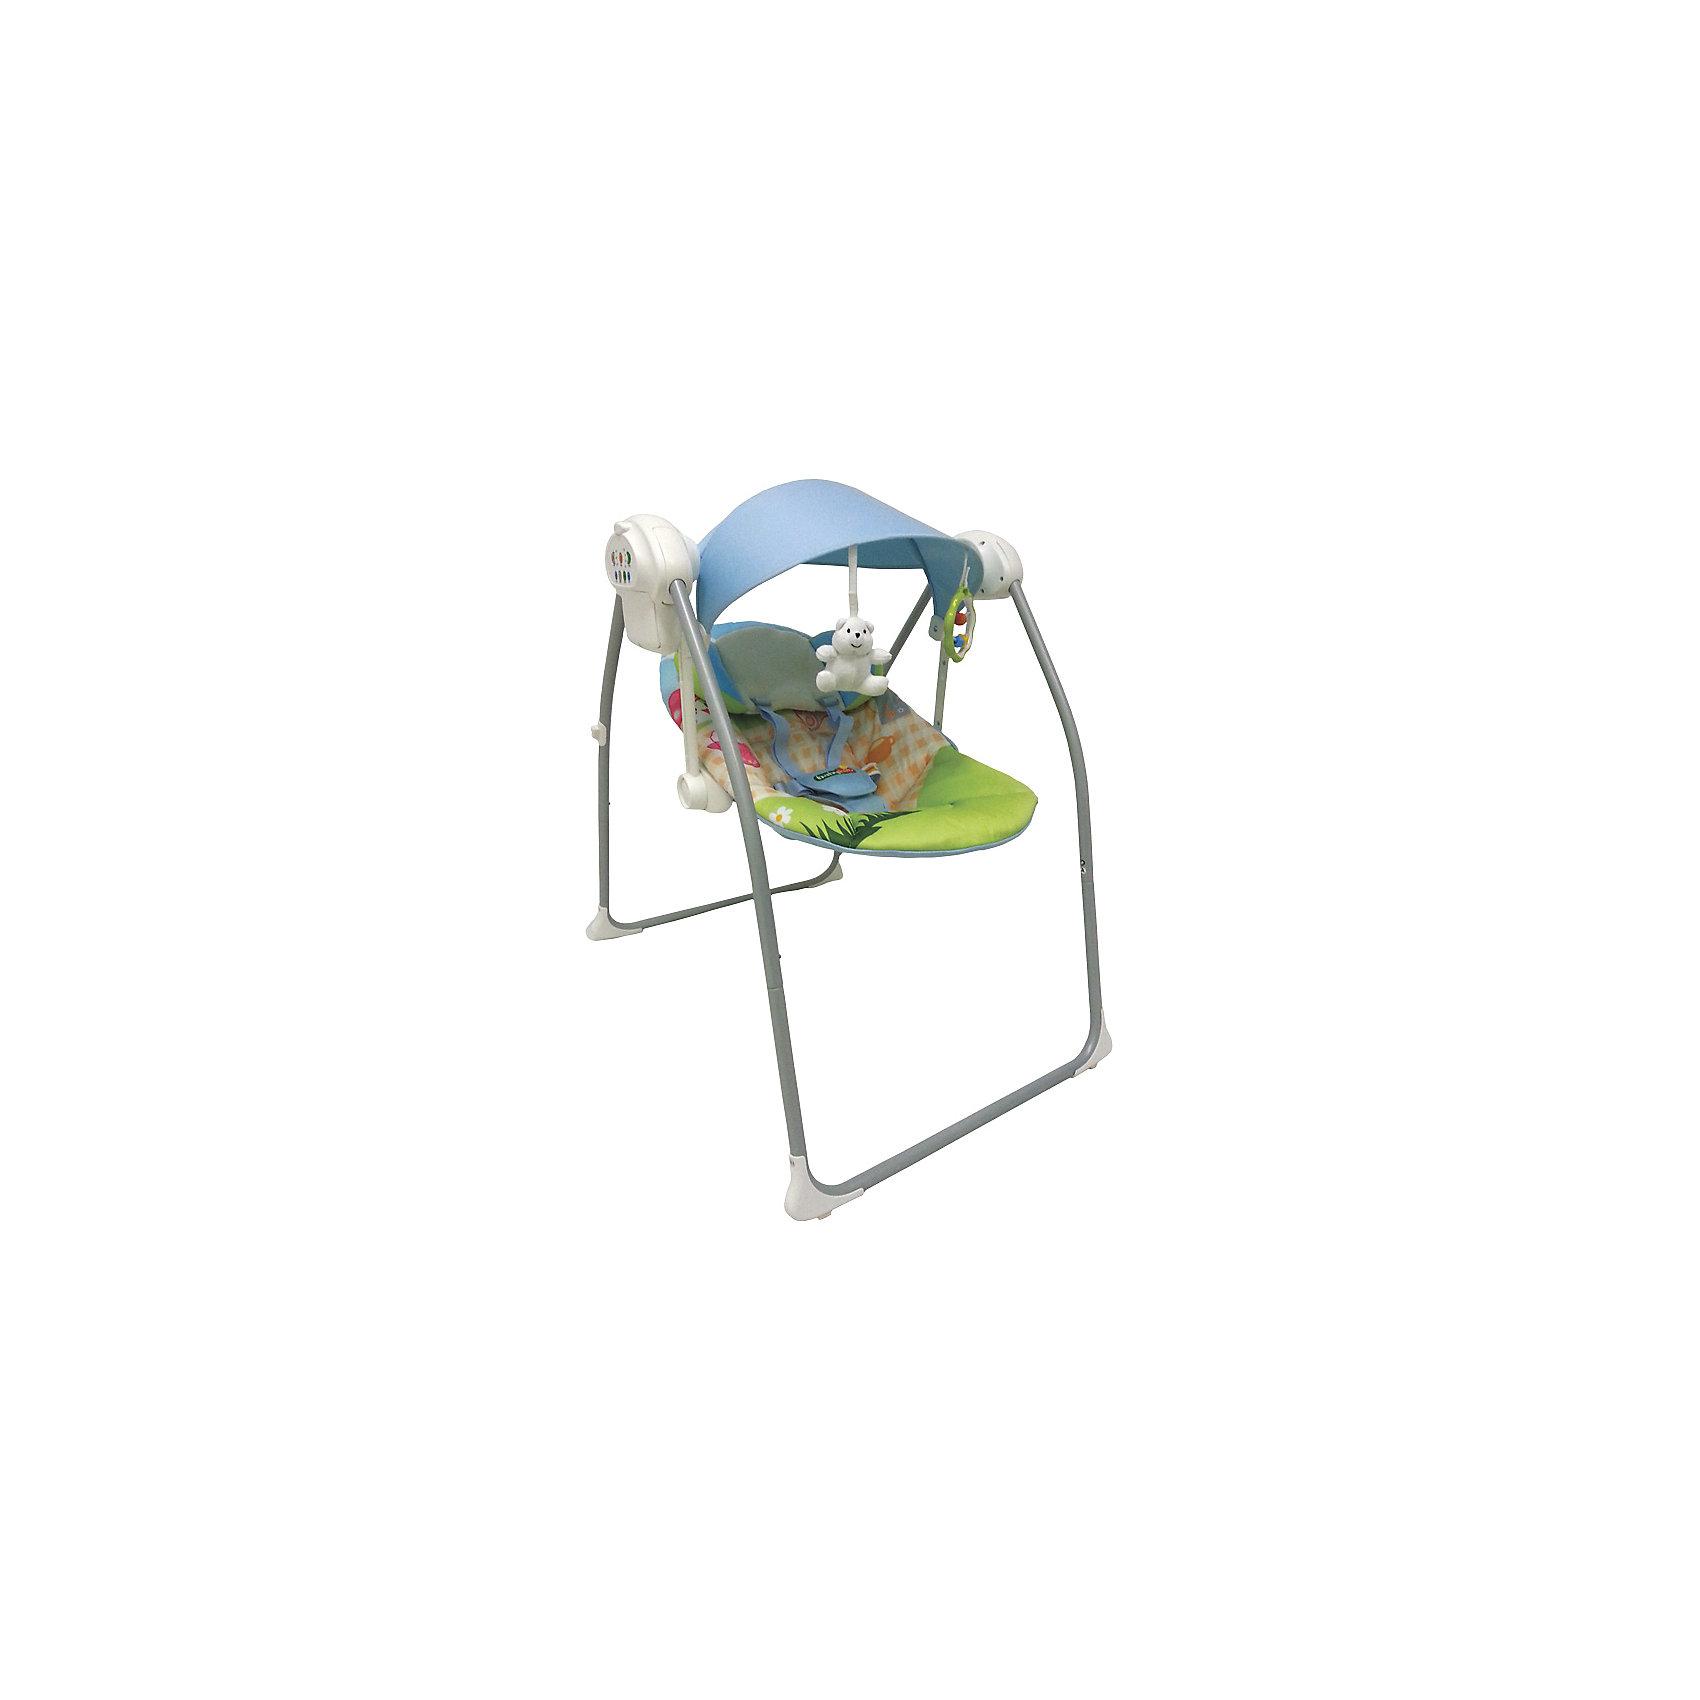 Электрокачели Deep Sleep, Baby Hit, зеленый/голубойКачели электронные<br>Новинка 2015 года! Электрокачели детские Babyhit Deep Sleep<br><br>Детские качели Babyhit Deep Sleep - удобны для комфортного отдыха и сна малыша. Приятные расцветки и функциональный дизайн. Сиденье эргономической формы имеет пяти точечный ремень безопасности и мягкий подголовник. Так же предусмотрено три режима качения, 8 мелодий подобраны детскими психологами. <br><br>Характеристика детских качелей Babyhit Deep Sleep:<br>Питание от батареек и сети 220 В<br>Количество скоростей: 3<br>Таймер на 10, 20, 30 минут<br>Количество мелодий: 8<br>Регулировка громкости мелодий<br>2 положения наклона спинки<br>Капюшон с подвесными игрушками<br>Система укачивания оснащена датчиком движения<br>Ремни безопасности<br><br>Ширина мм: 415<br>Глубина мм: 155<br>Высота мм: 640<br>Вес г: 5700<br>Возраст от месяцев: 0<br>Возраст до месяцев: 6<br>Пол: Унисекс<br>Возраст: Детский<br>SKU: 4703037